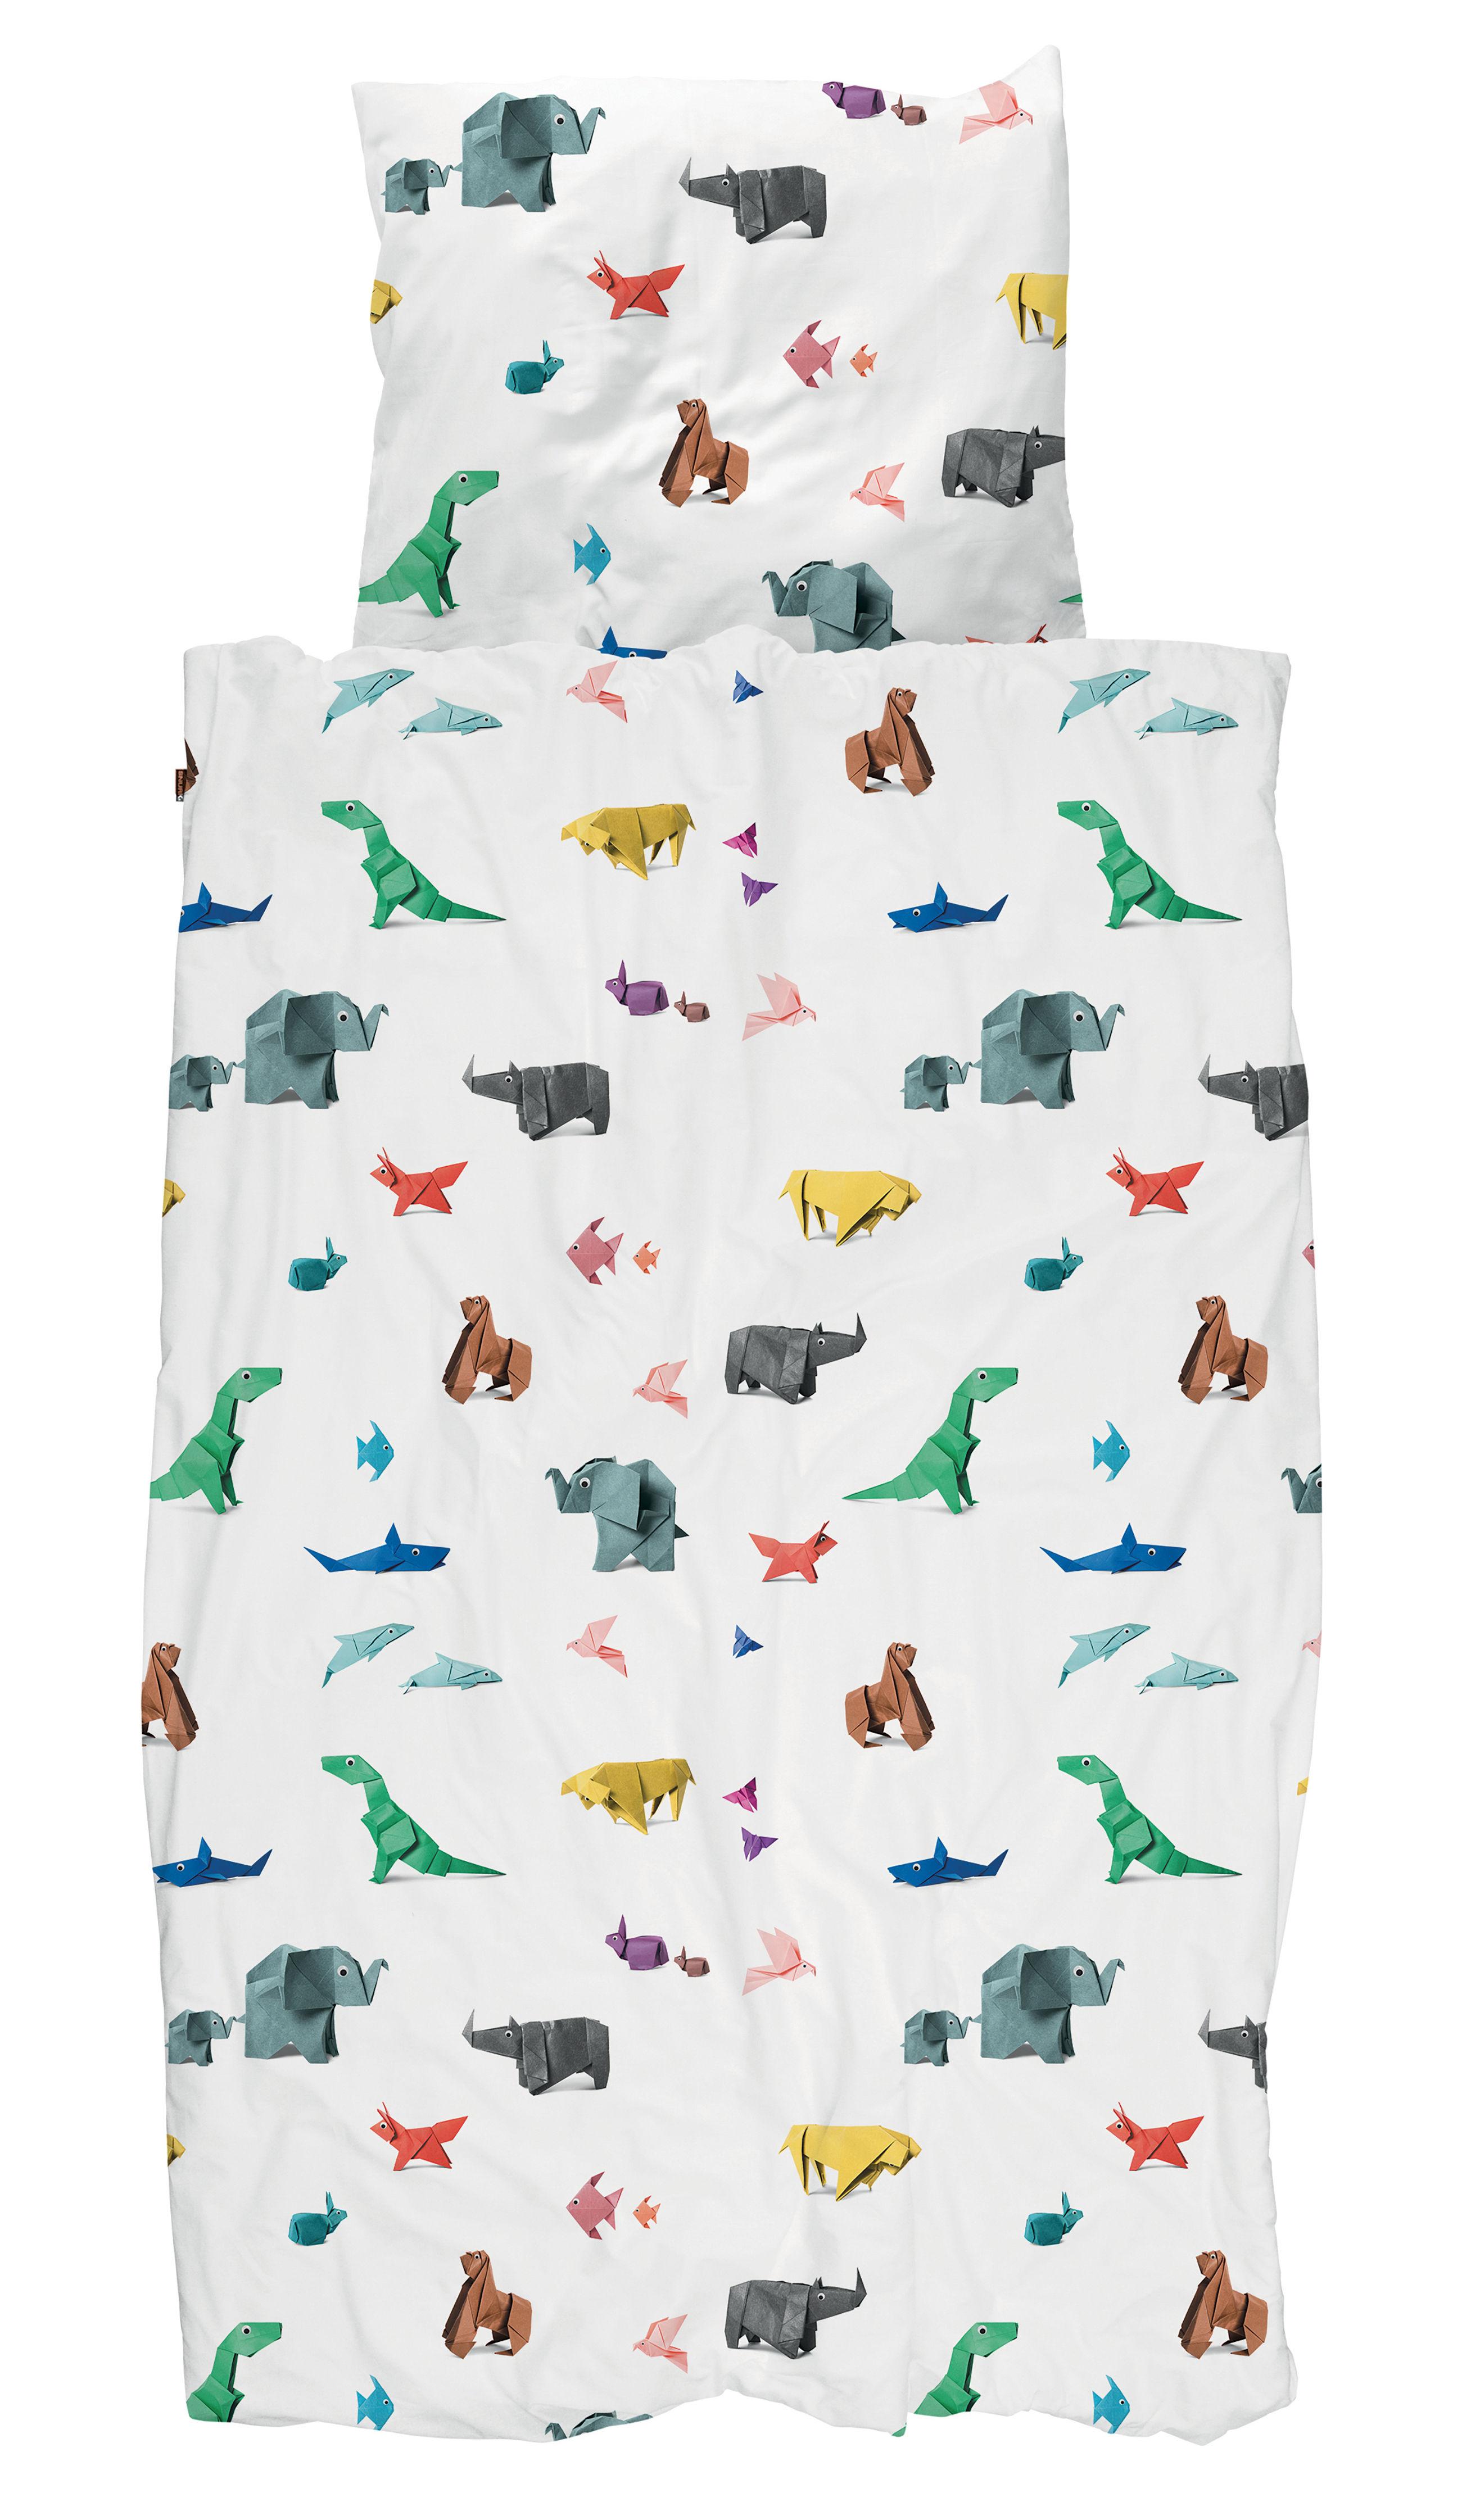 Dekoration - Für Kinder - Paper Zoo Bettwäsche-Set für 1 Person / 140 x 200 cm - Snurk - Origami-Tiere / mehrfarbig - Percale de coton